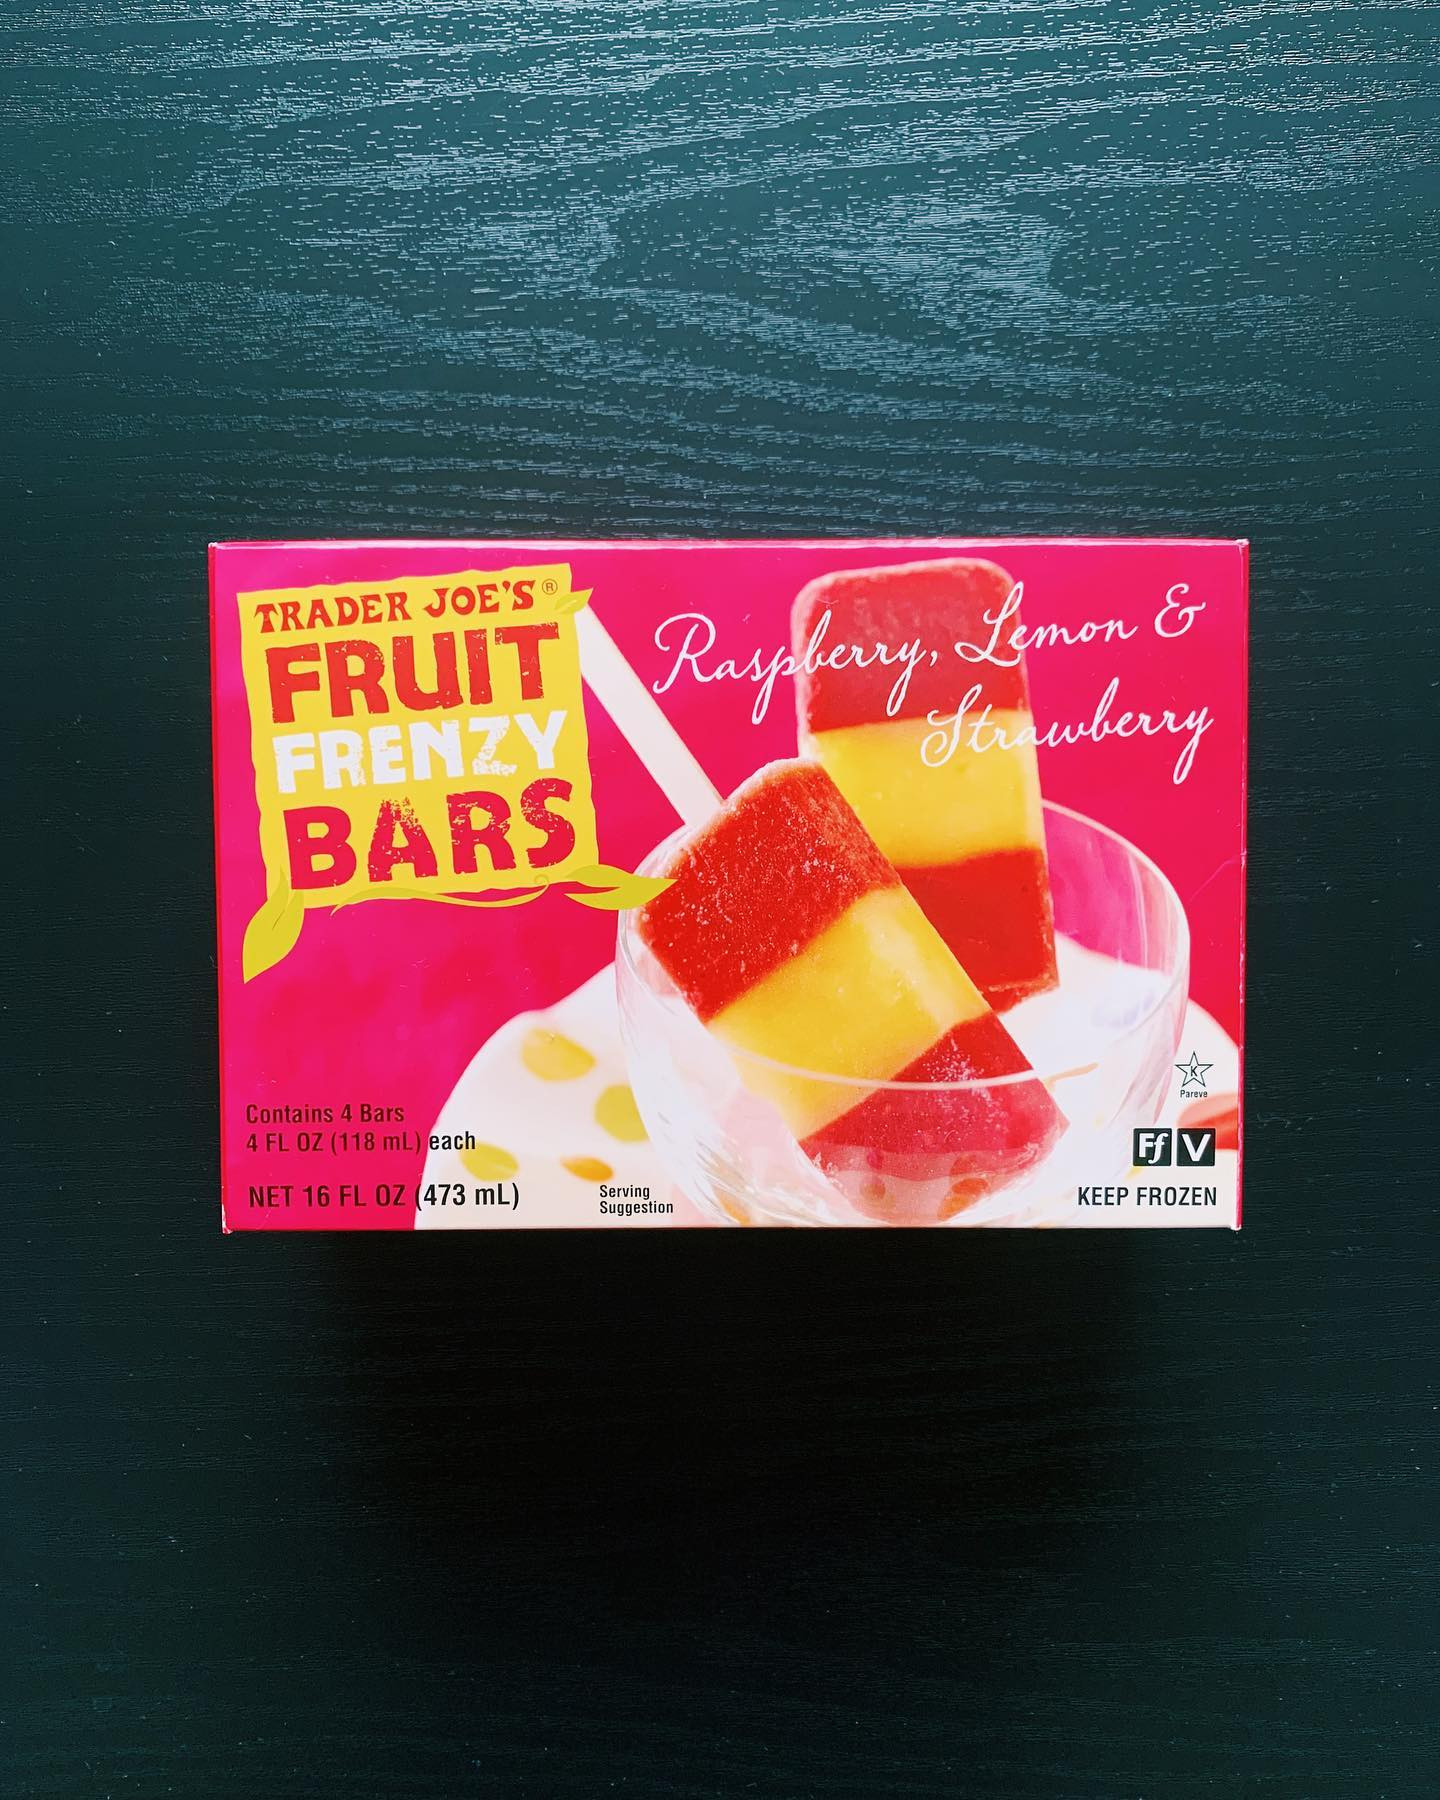 Trader Joe's Fruit Frenzy Bars: 9/10